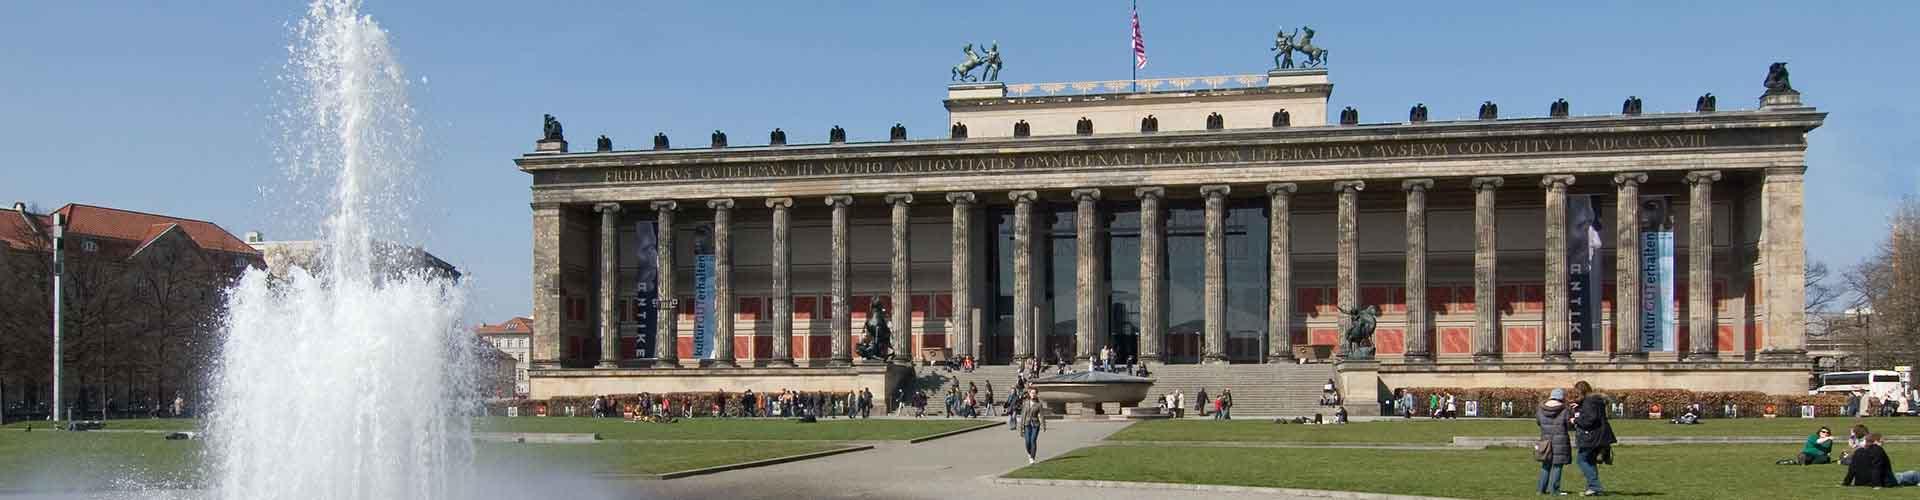 柏林 – 老博物馆及佩加蒙博物馆附近的露营地。柏林地图,柏林每个露营地的照片和评价。